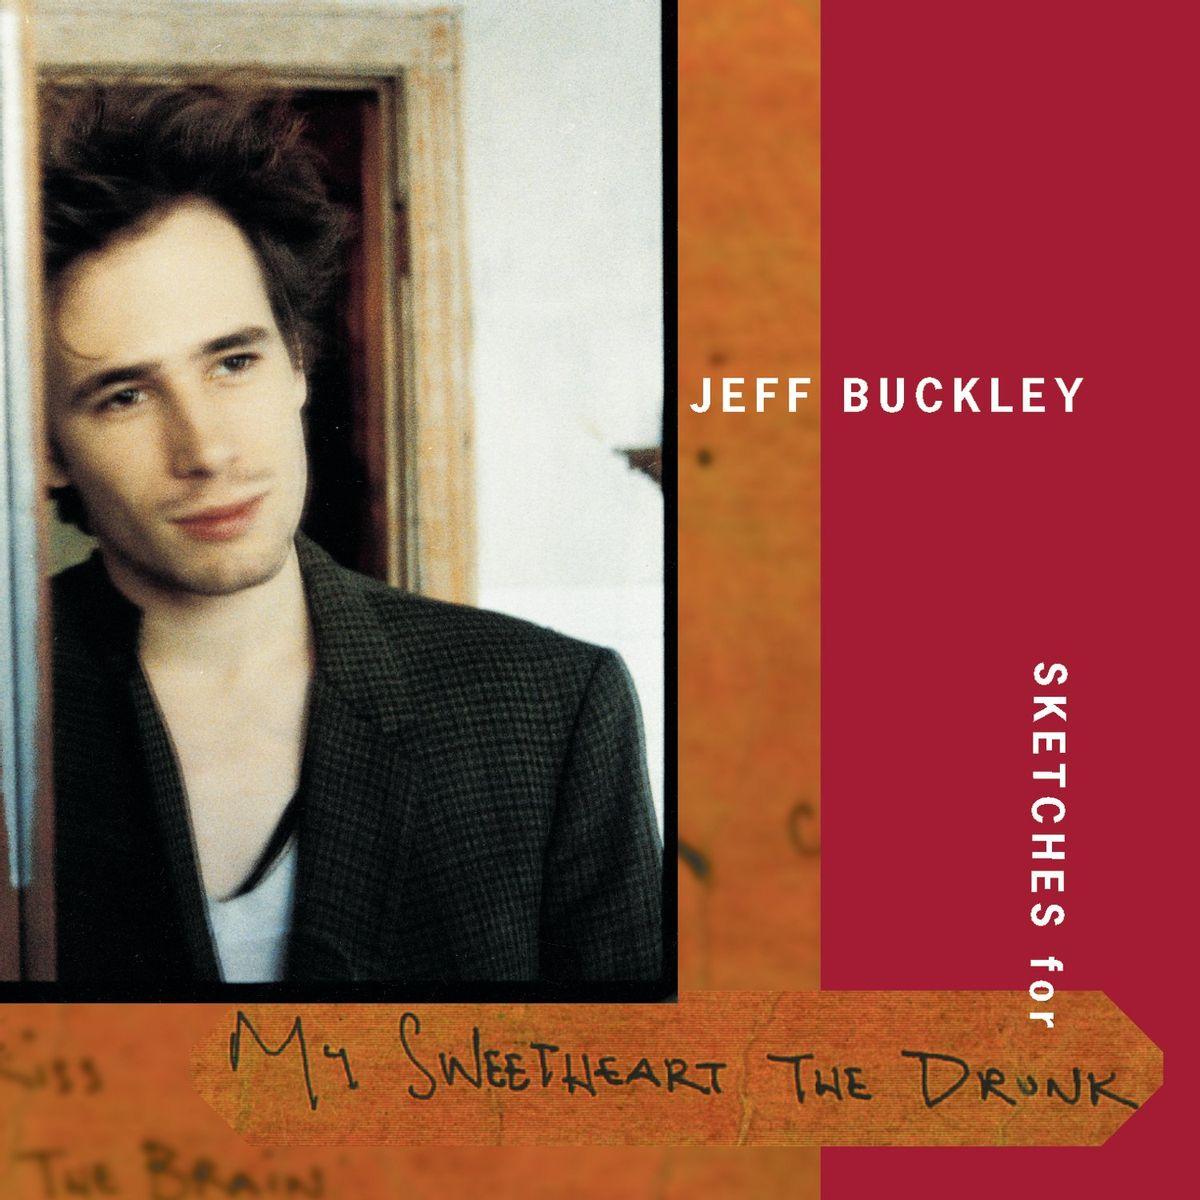 #PostumePlaatjes - Jeff Buckley - New Year's Prayer (1998)